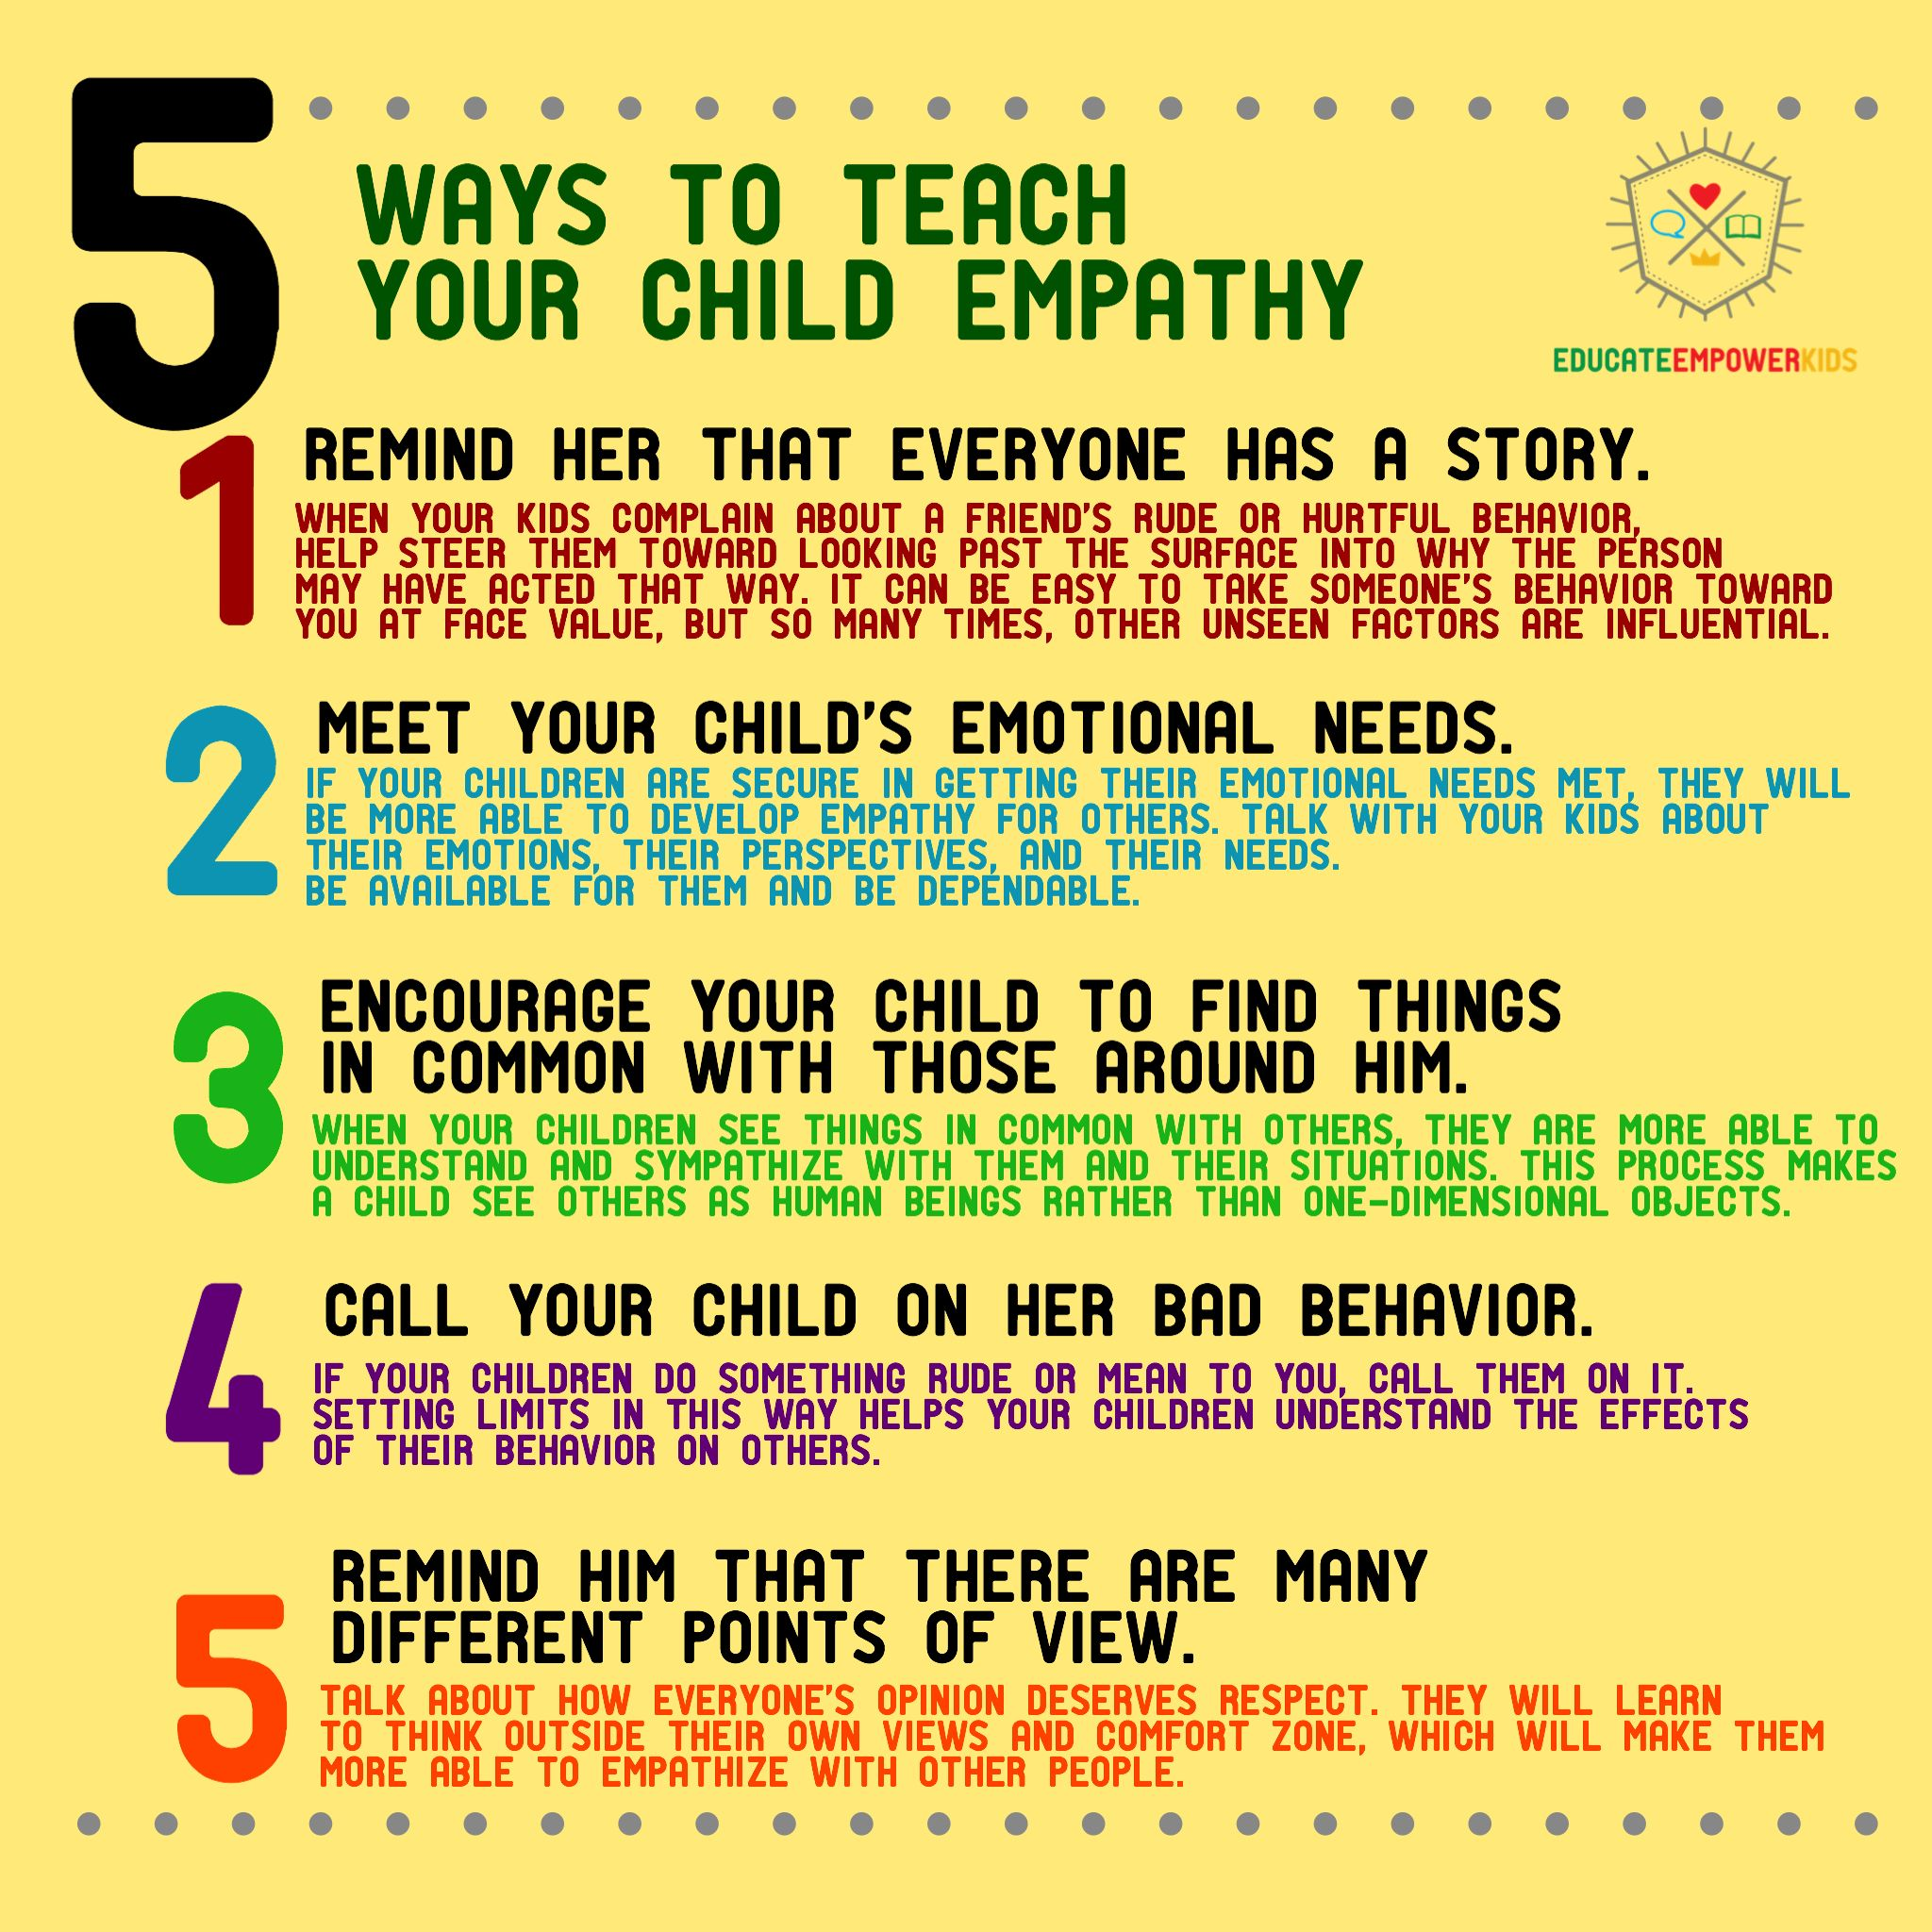 5 Ways To Teach Children Empathy